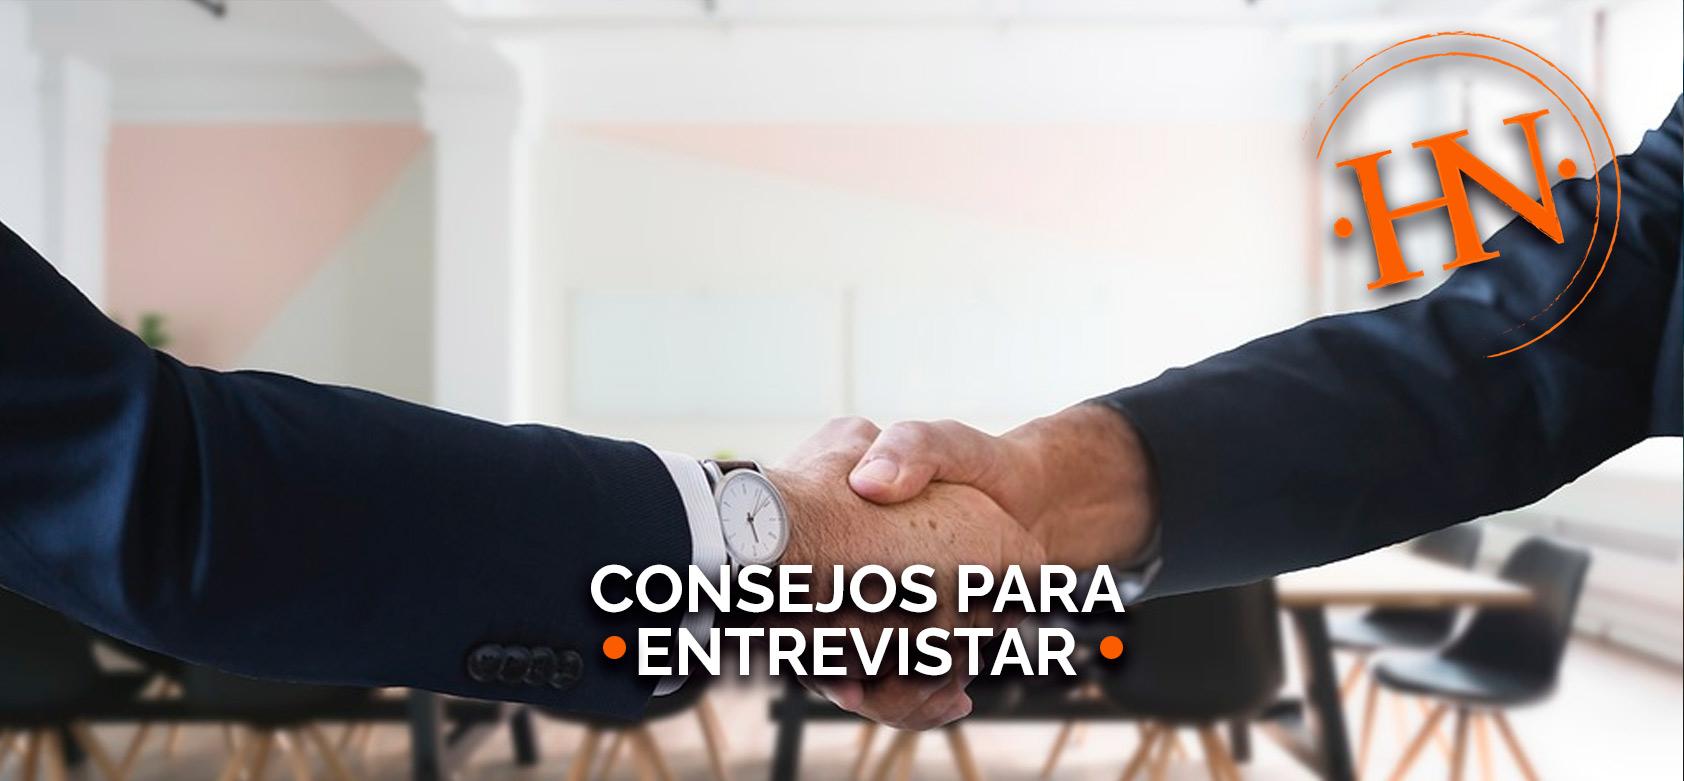 CONSEJOS-PARA-ENTREVISTAR